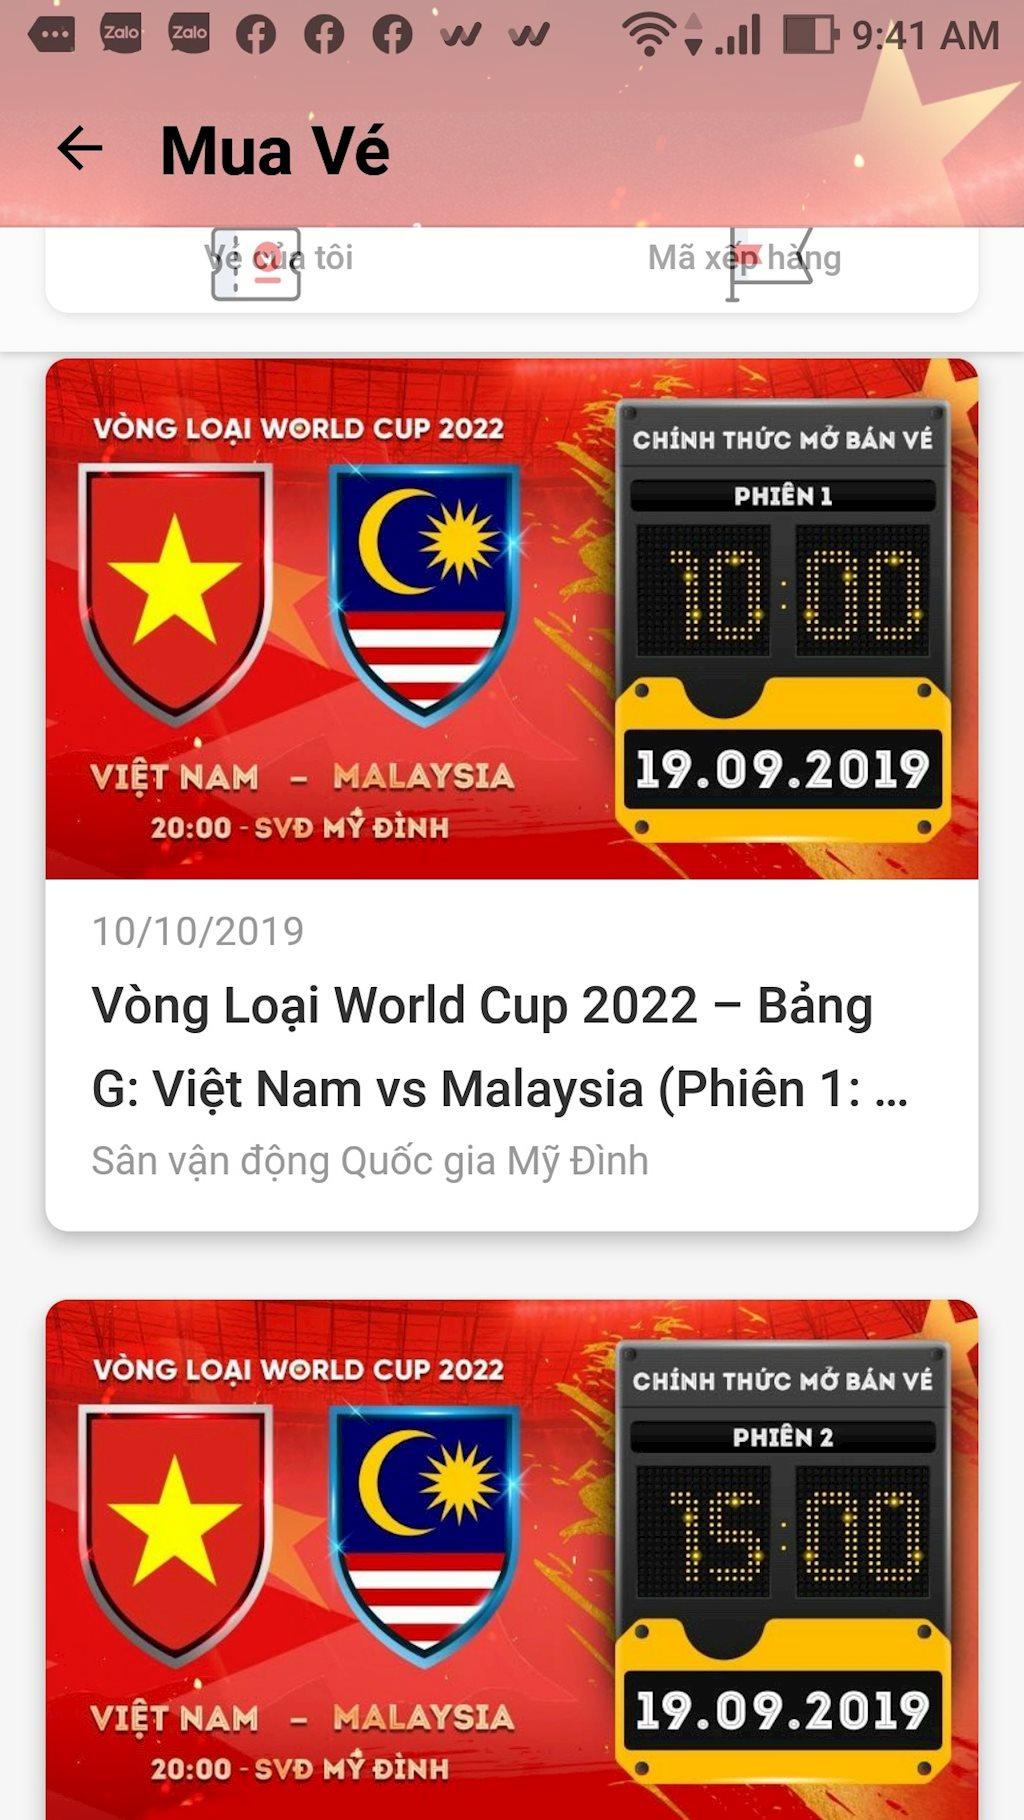 b1-lich-ban-ve-tran-viet-nam-vs-malaysia-khung-gio-mua-ve-xem-tran-viet-nam-vs-malaysia-vong-loai-world-cup-tren-vinid-screenshot_20190916-094125.jpg